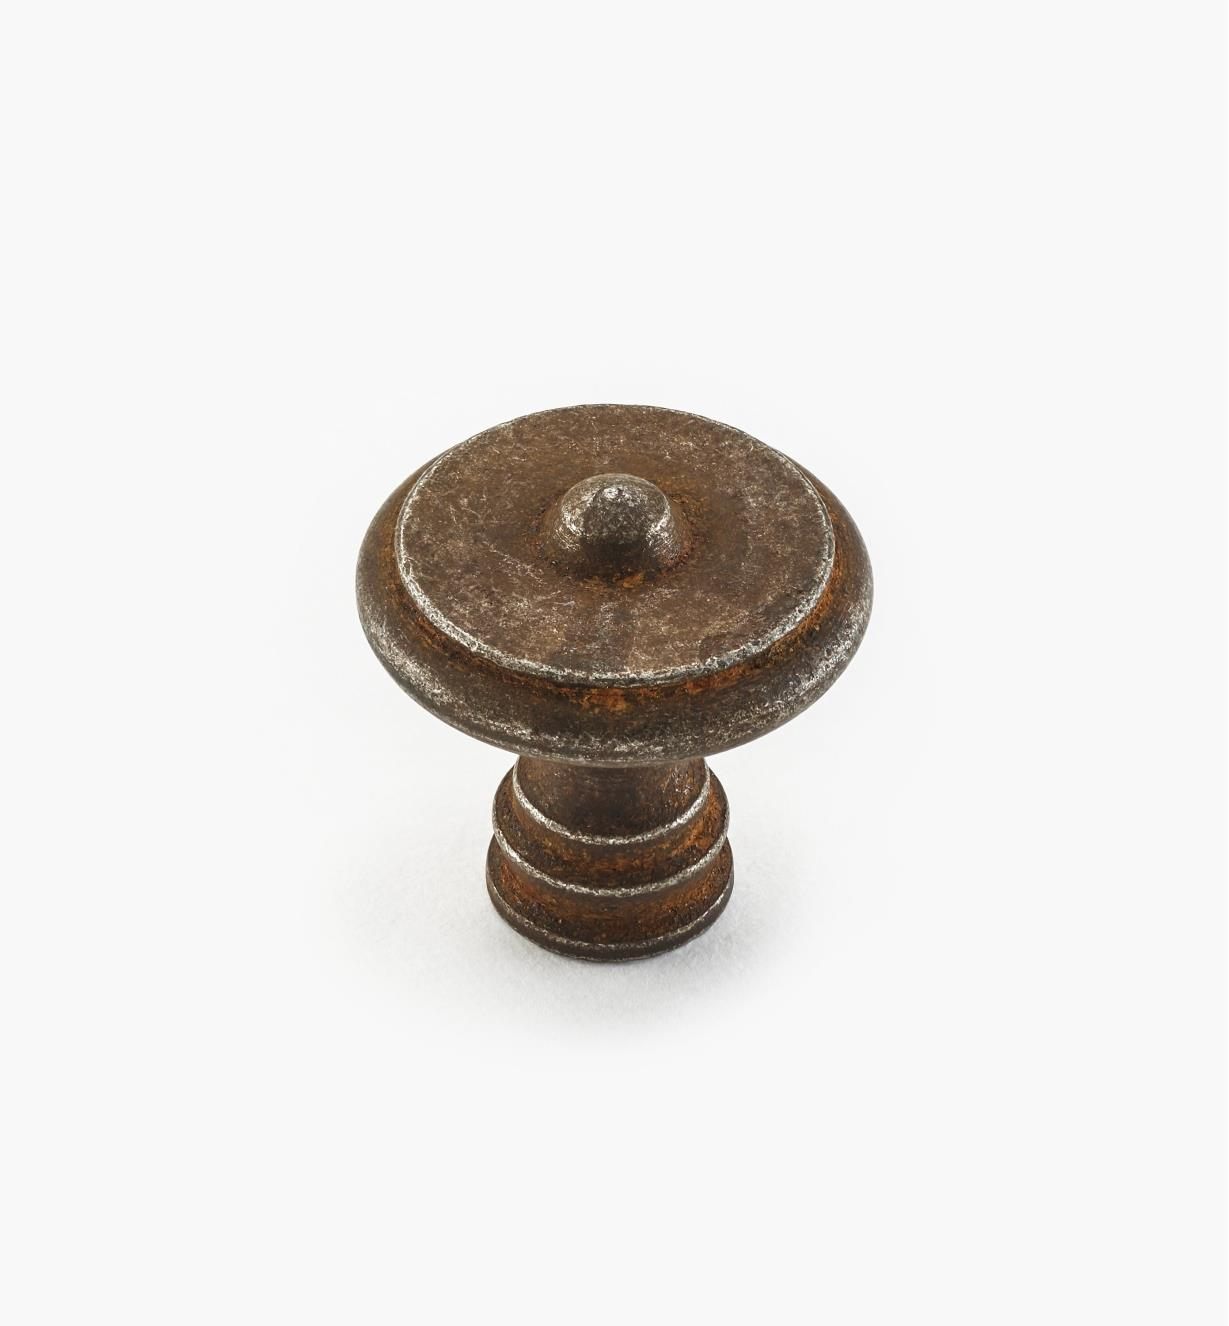 01A6053 - Bouton en acier, fini rouille, 30 mm x 30 mm